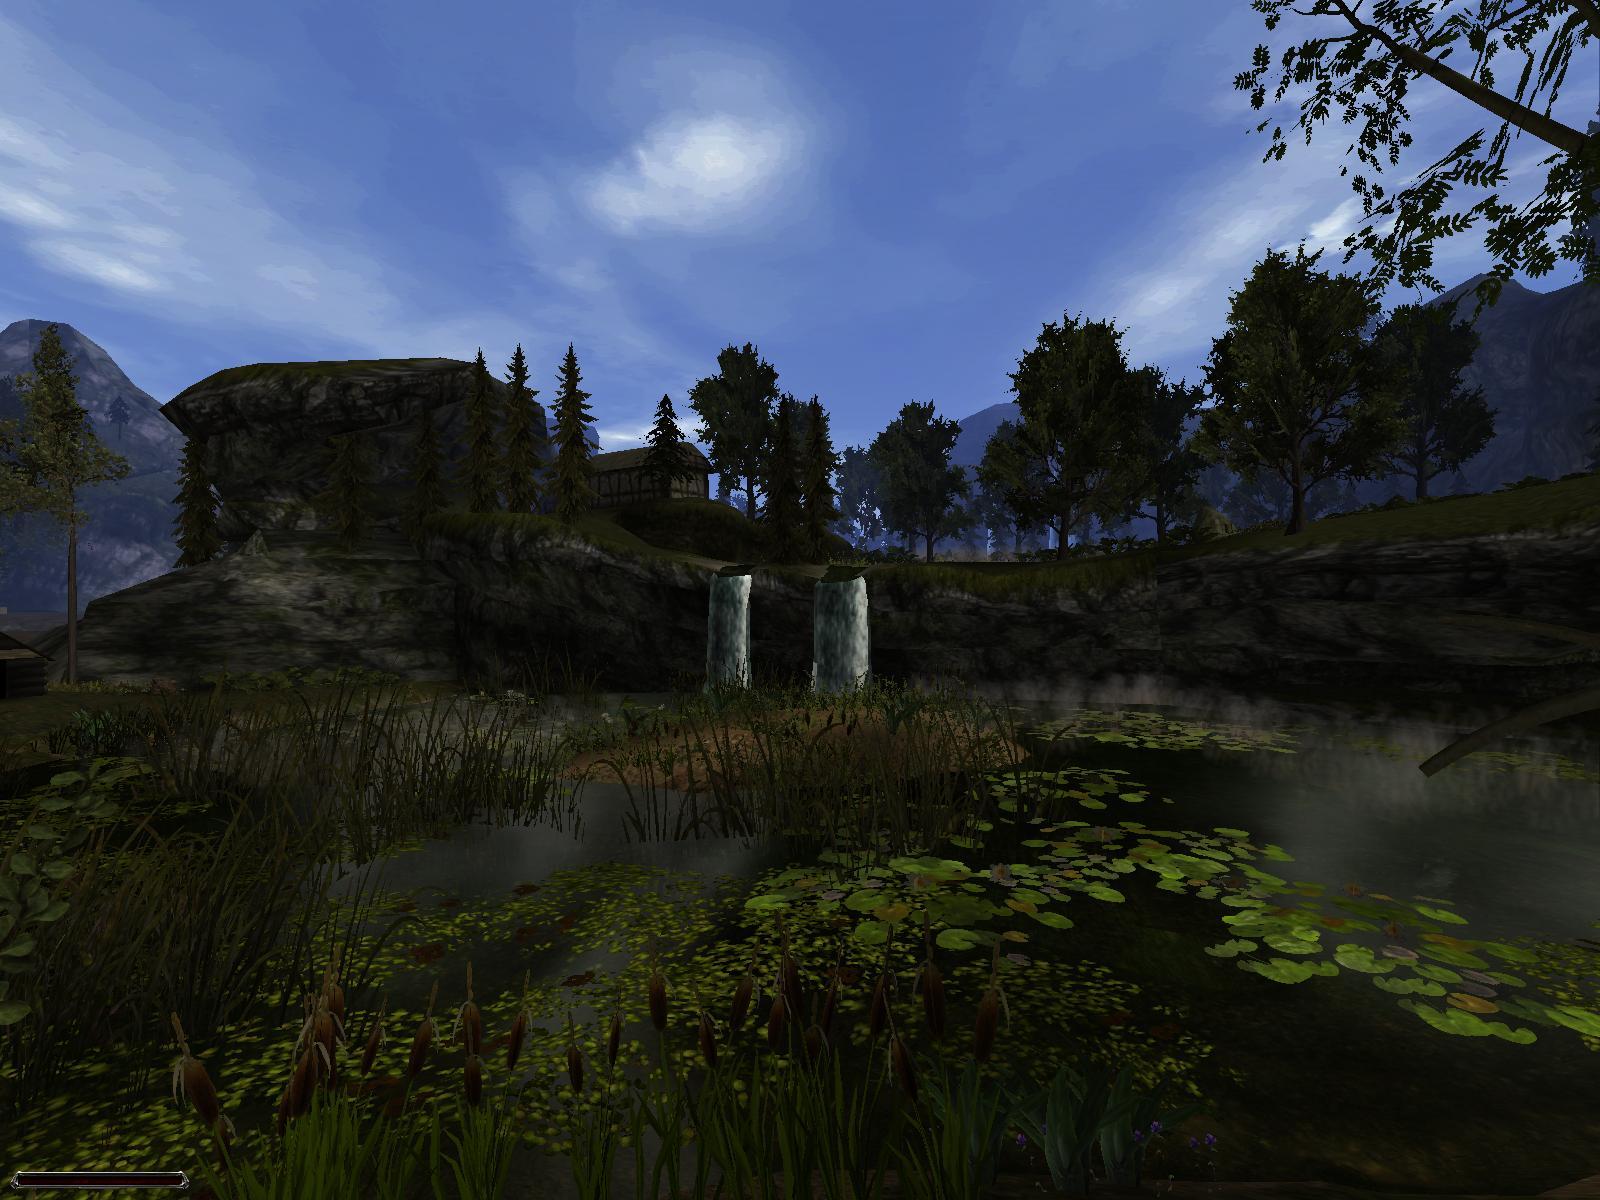 фото пейзажей из готики оговорюсь договор